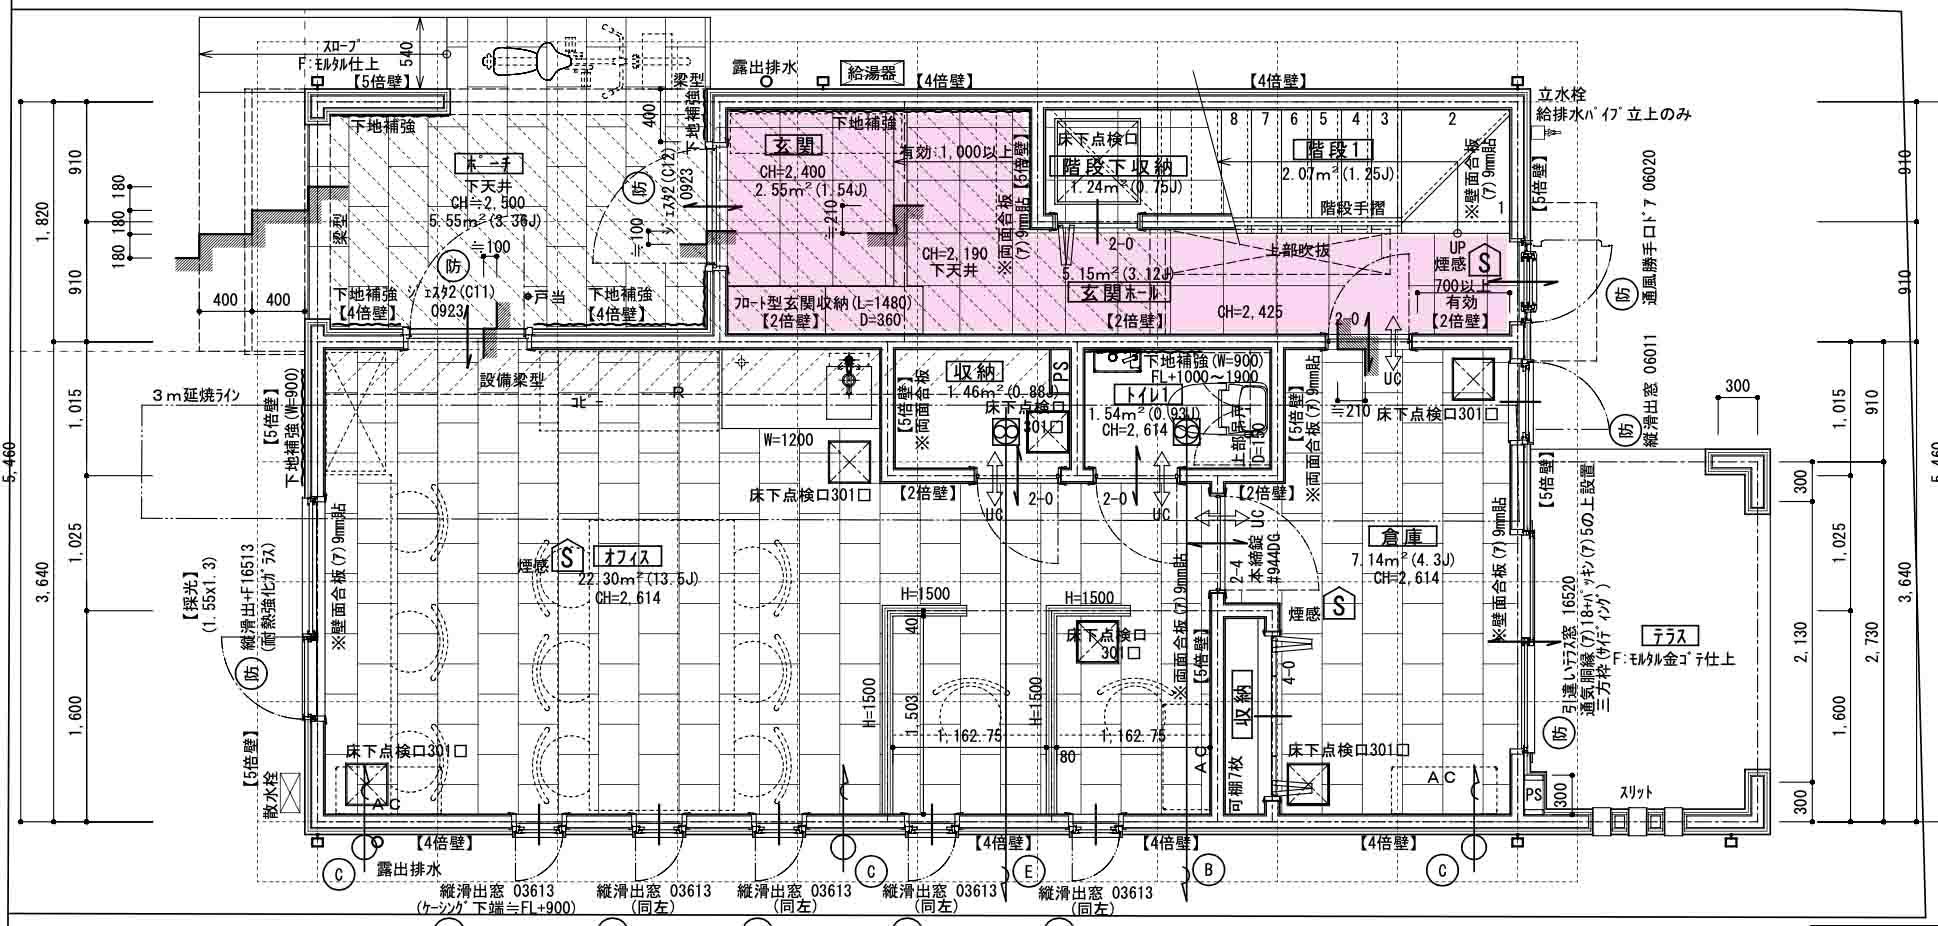 1階玄関の図面